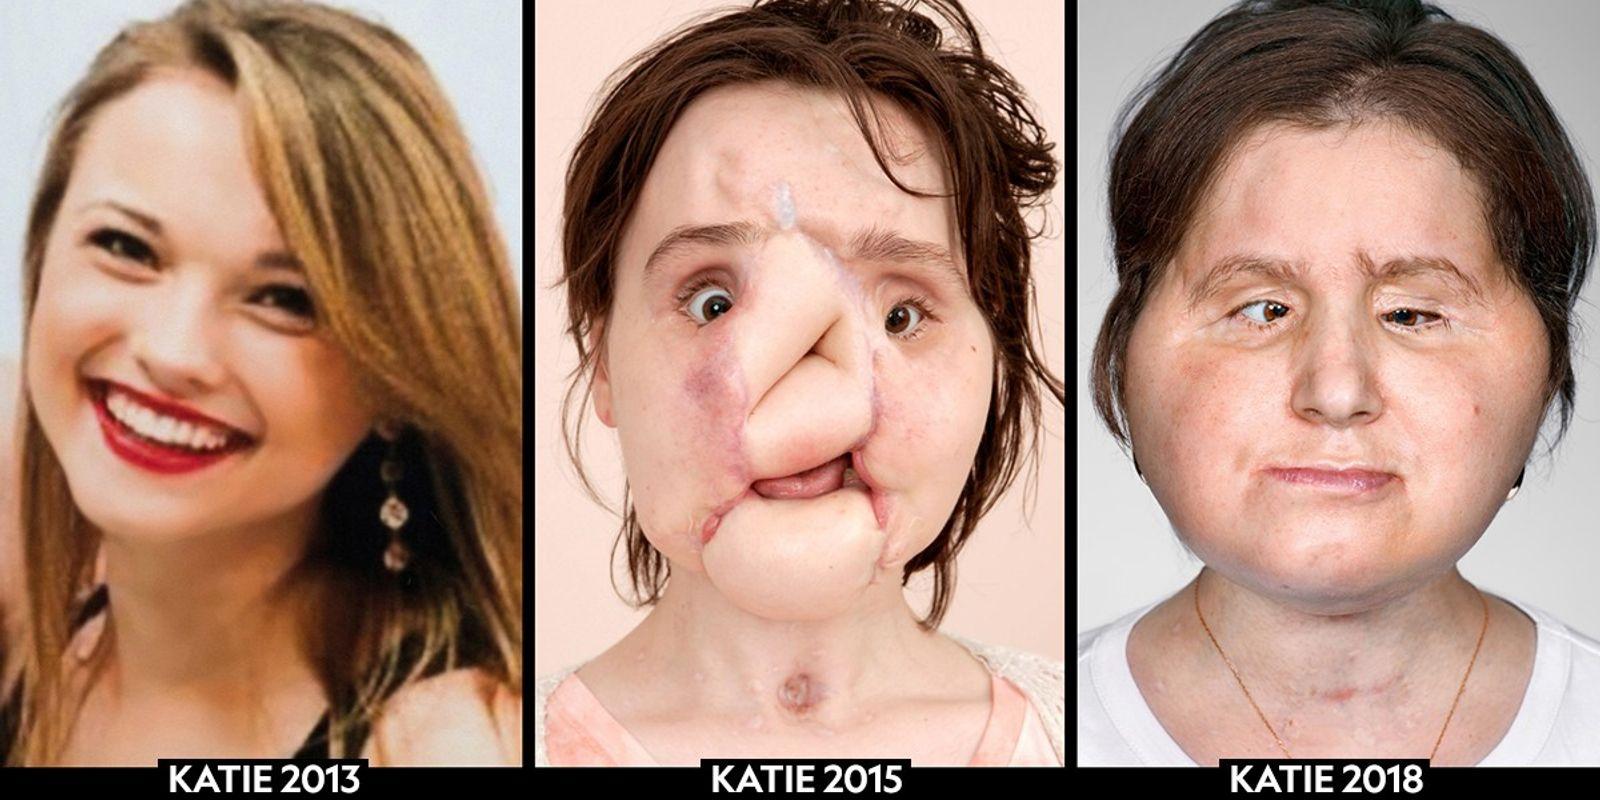 Como um transplante de rosto mudou a vida de uma jovem mulher